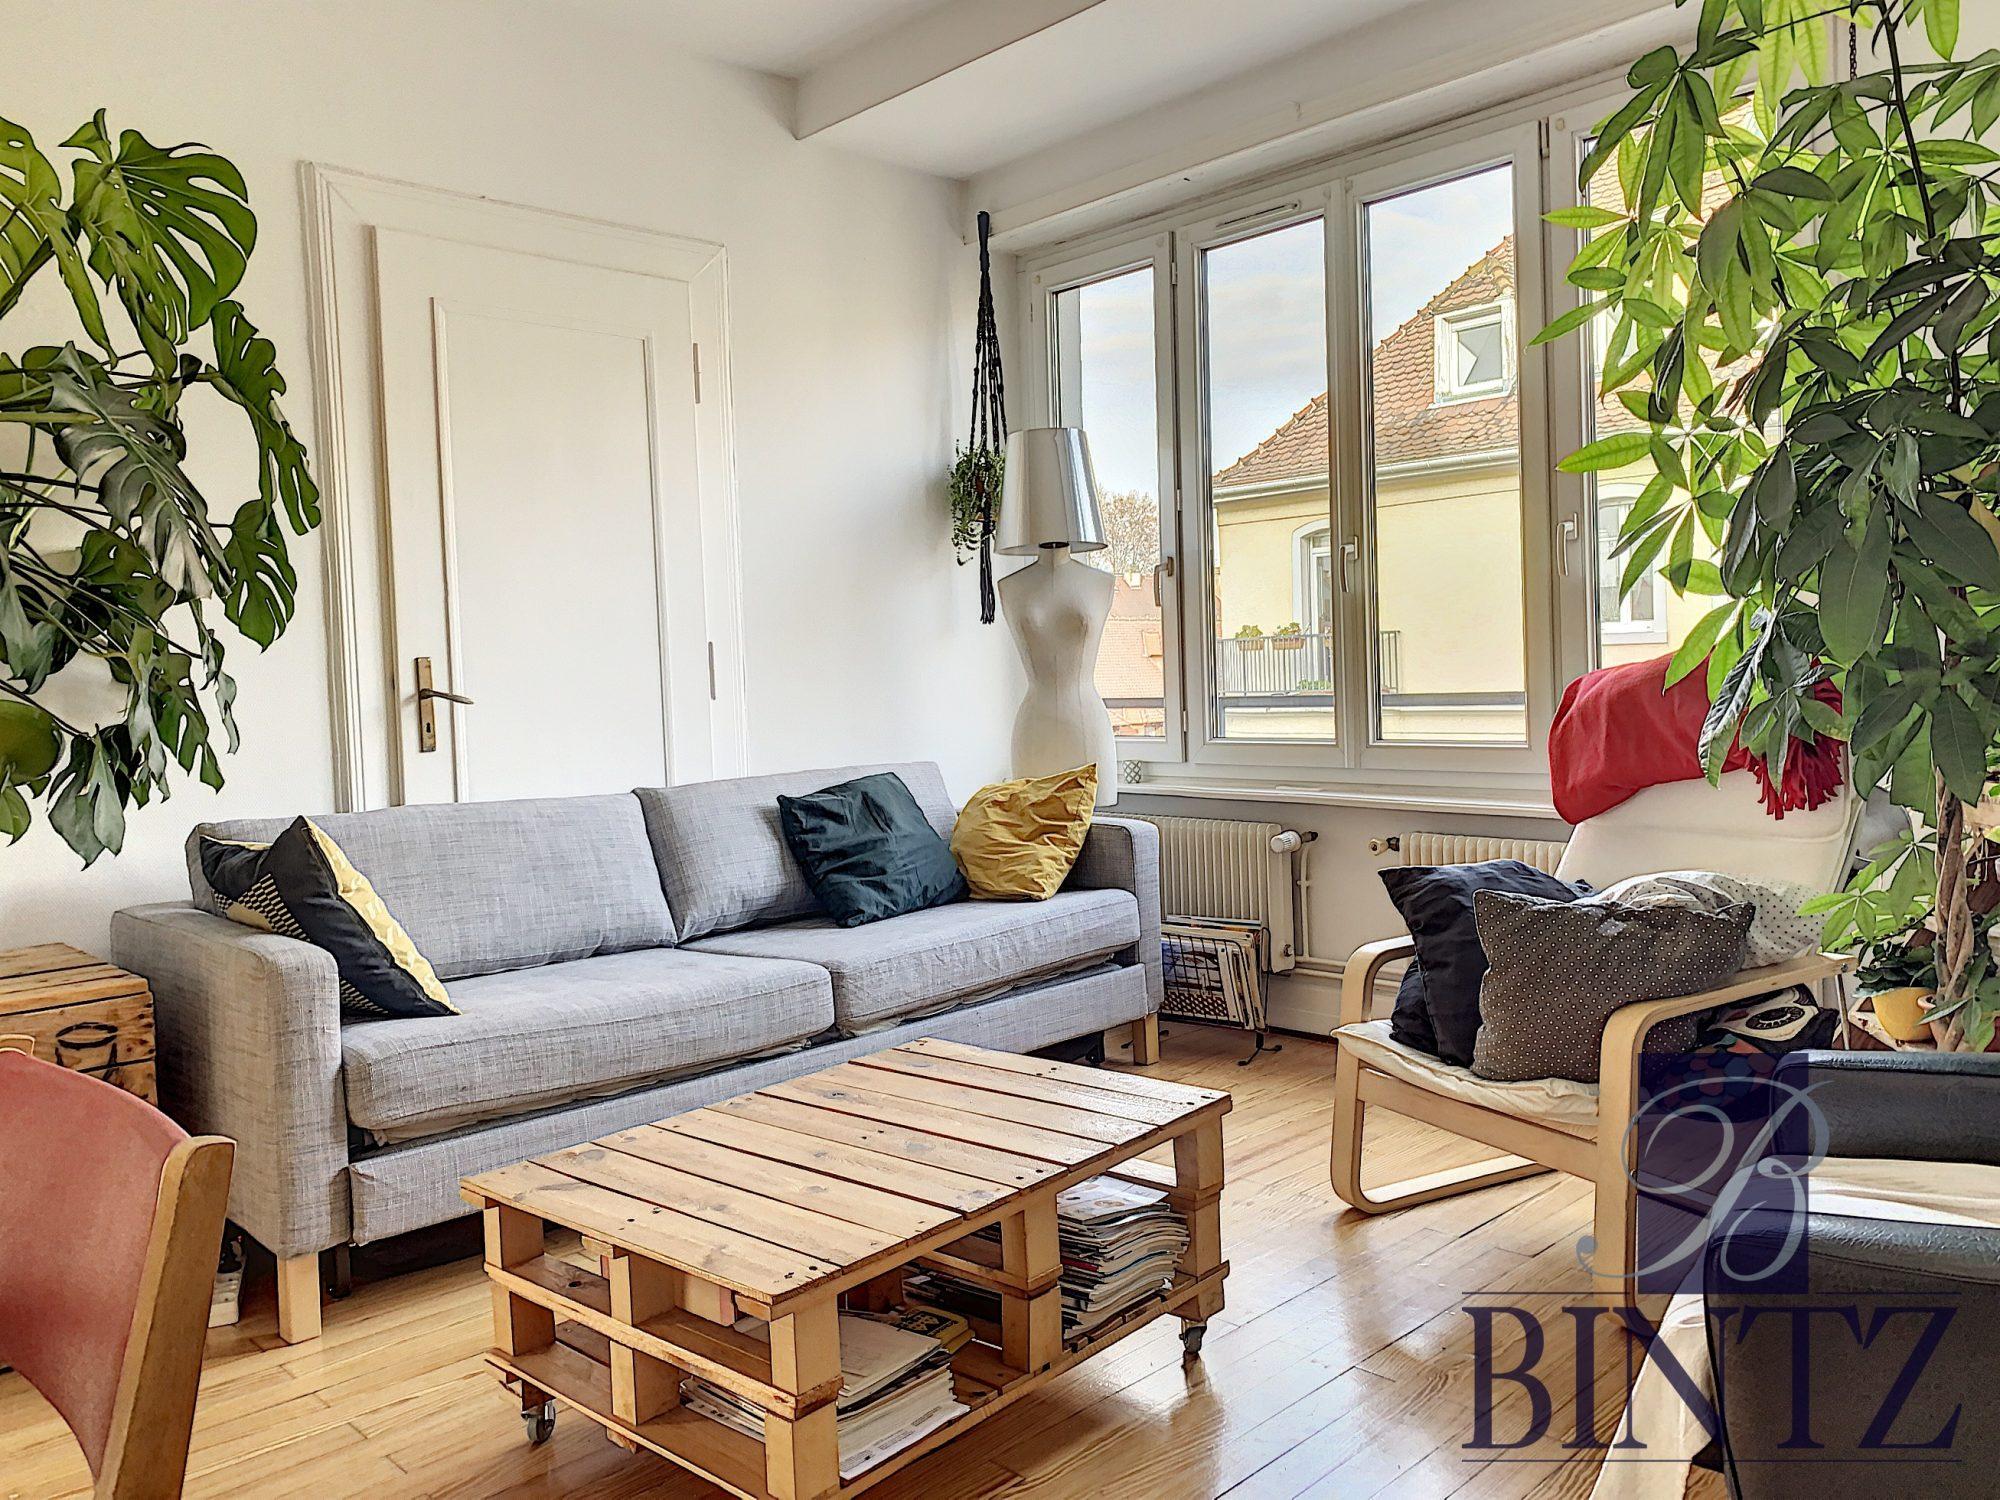 HORRIBLE 2 PIECES - Devenez locataire en toute sérénité - Bintz Immobilier - 6